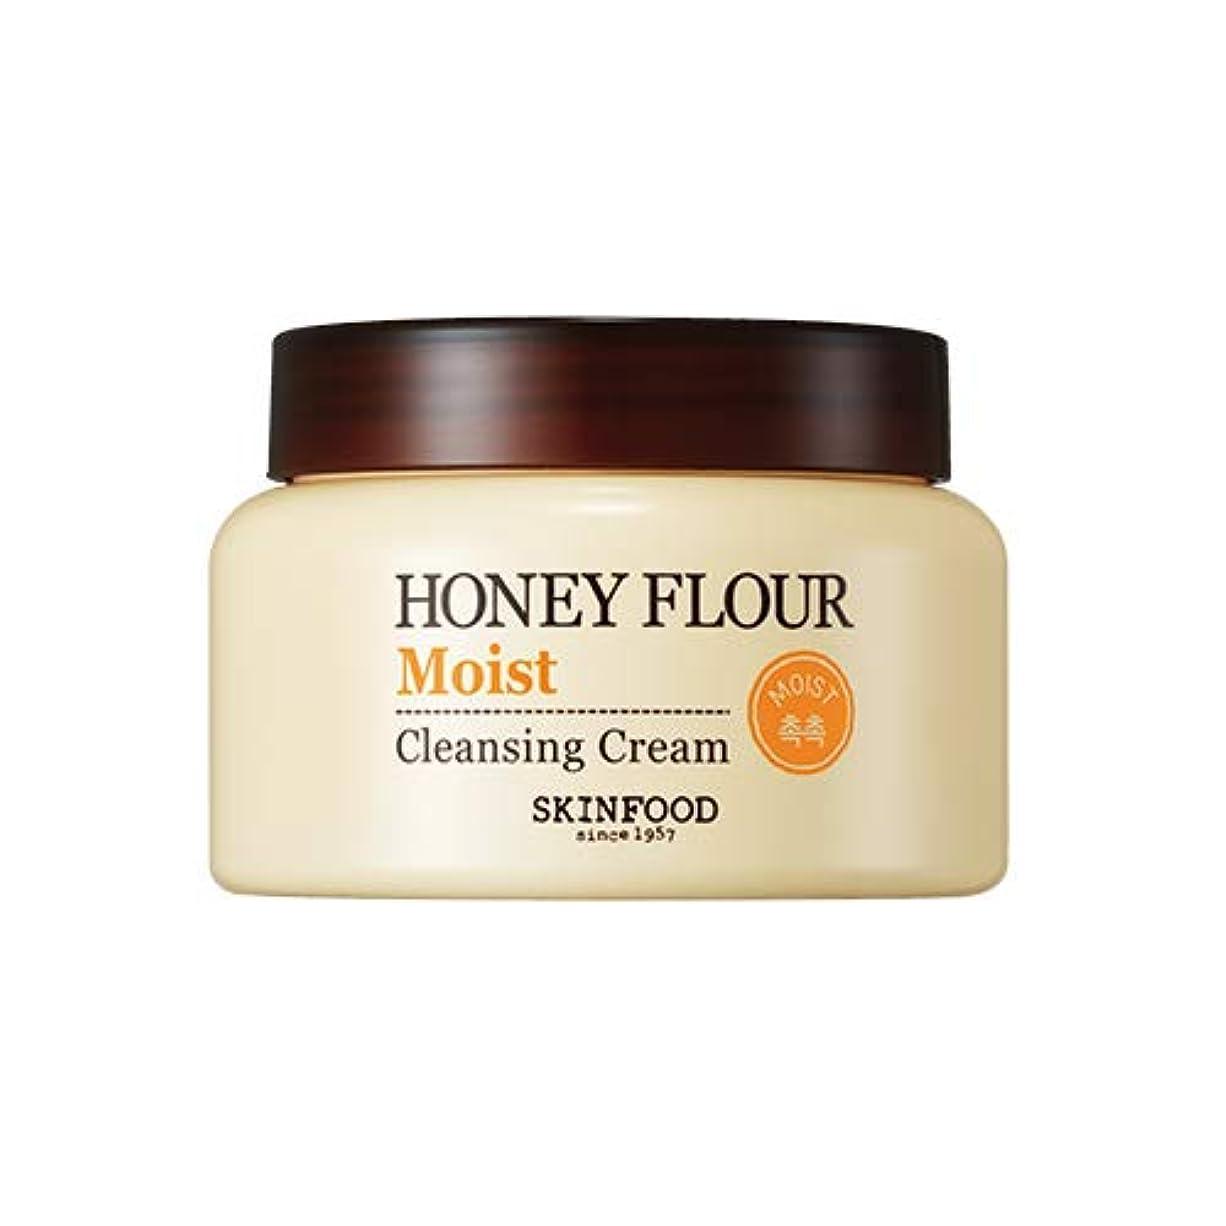 非効率的な合わせて見てSkinfood/Honey Flour Moist Cleansing Cream/ハニーフラワーモイストクレンジングクリーム/225ml [並行輸入品]